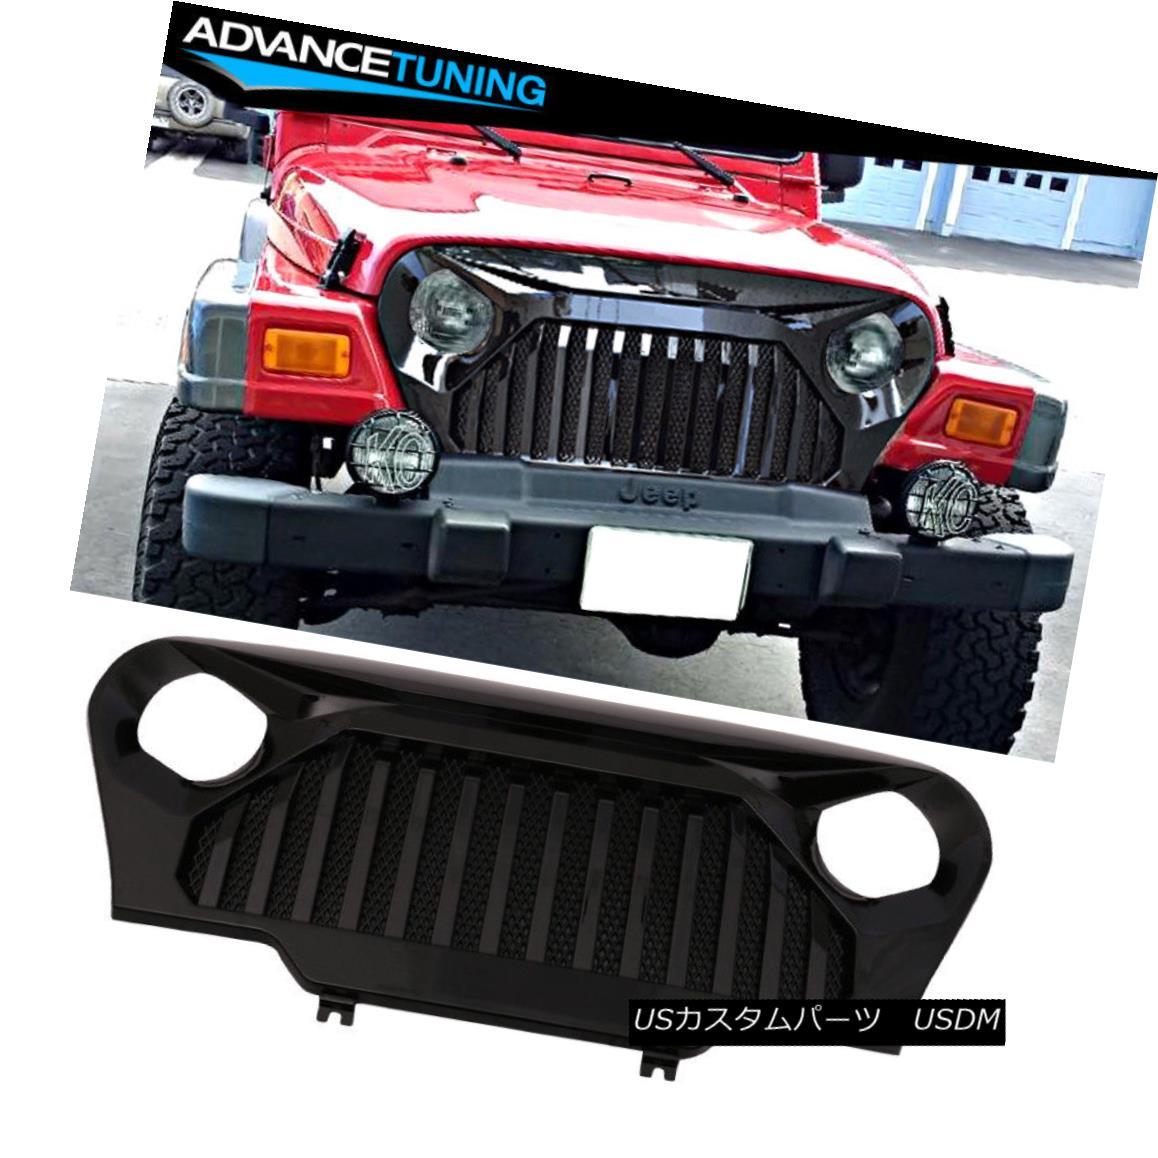 グリル Fits 97-06 Jeep Wrangler TJ V2 Top Fire Style Grille Glossy Black ABS Plastic フィット97-06ジープラングラーTJ V2トップファイアースタイルグリル光沢ブラックABSプラスチック